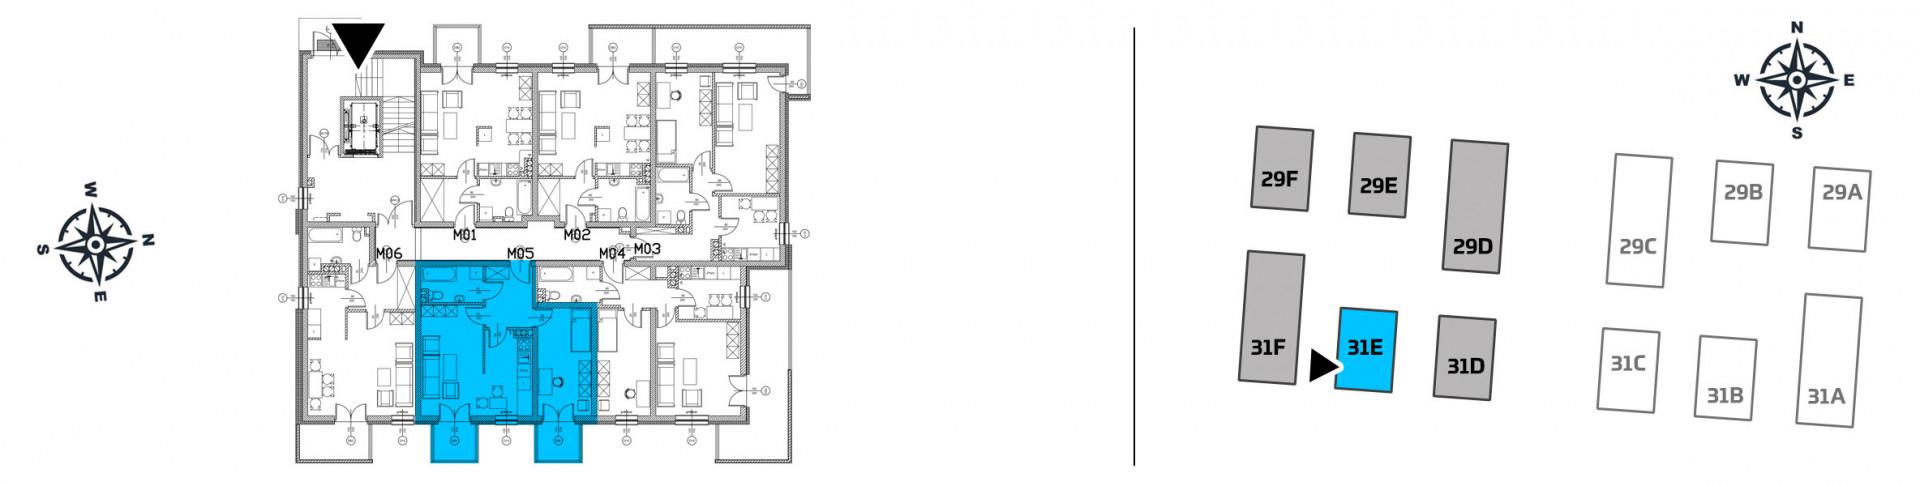 Mieszkanie dwupokojowe 31E/5 rzut 2